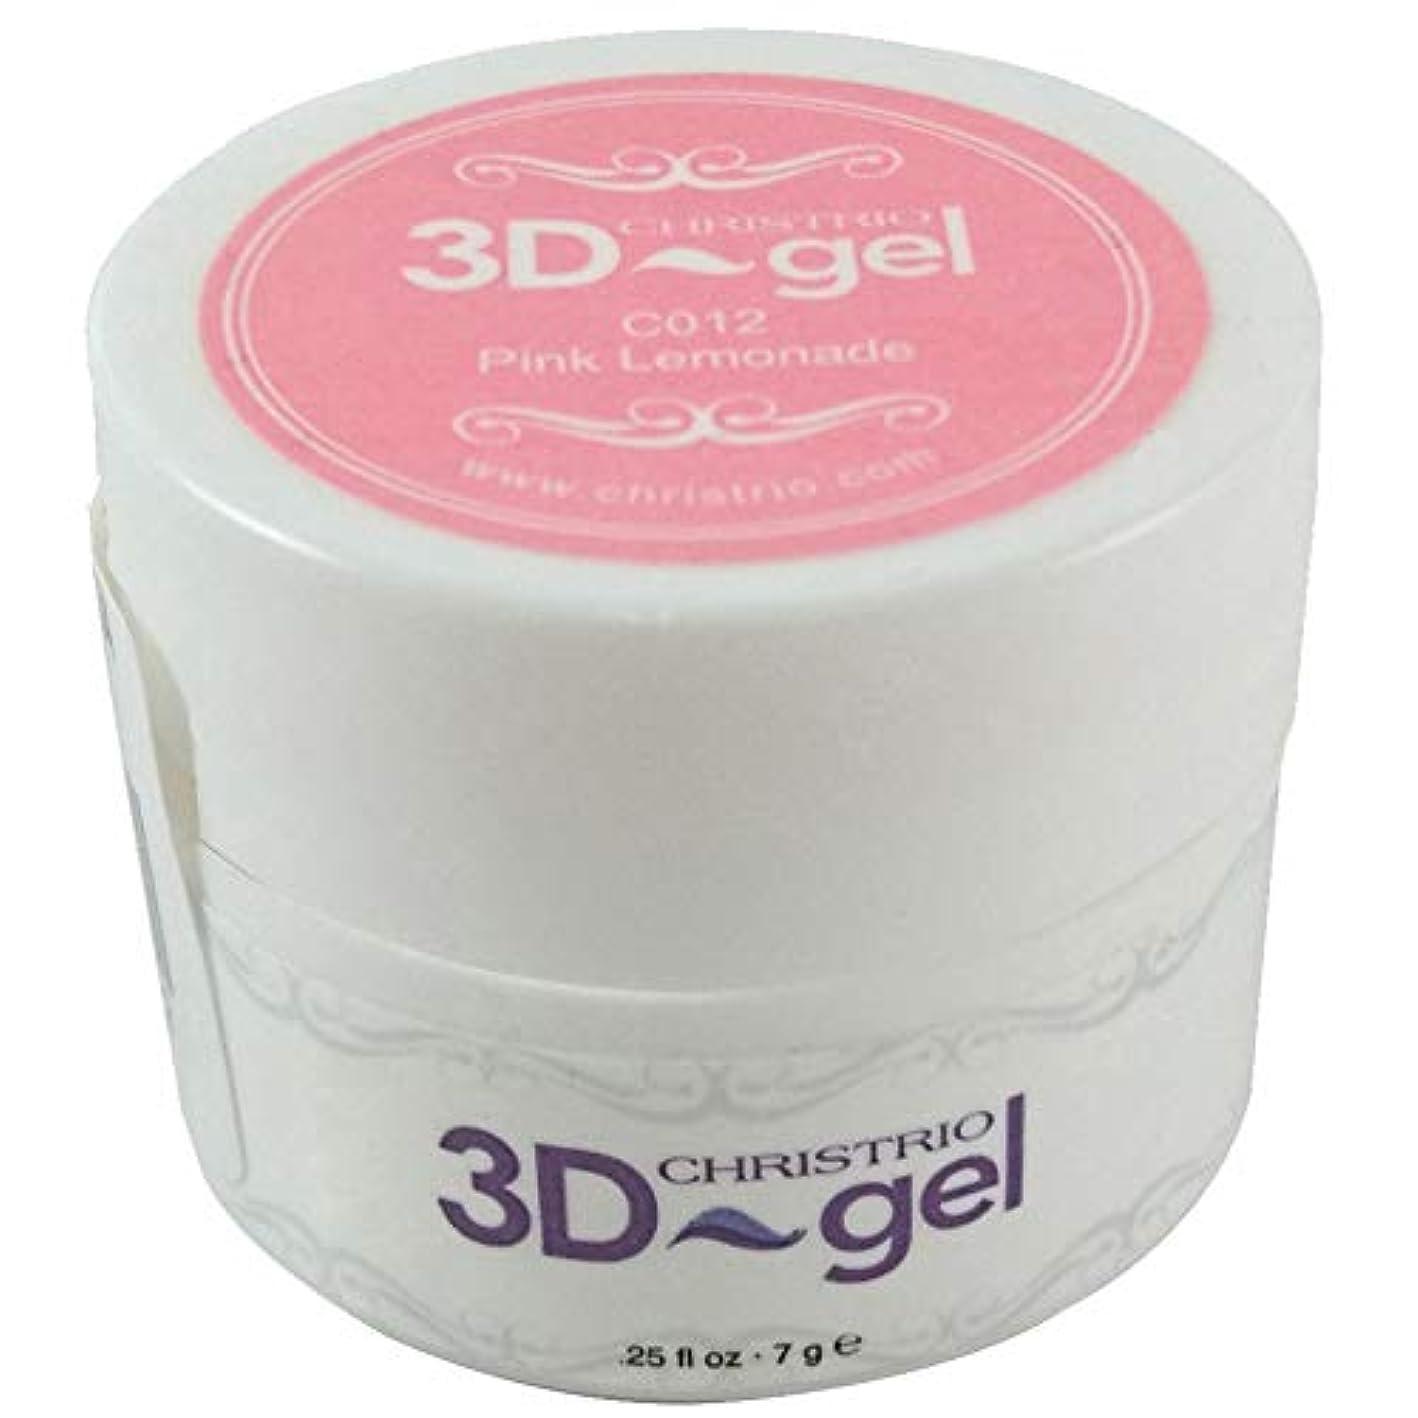 説明的キリマンジャロエスカレーターCHRISTRIO 3Dジェル 7g C012 ピンクレモネード